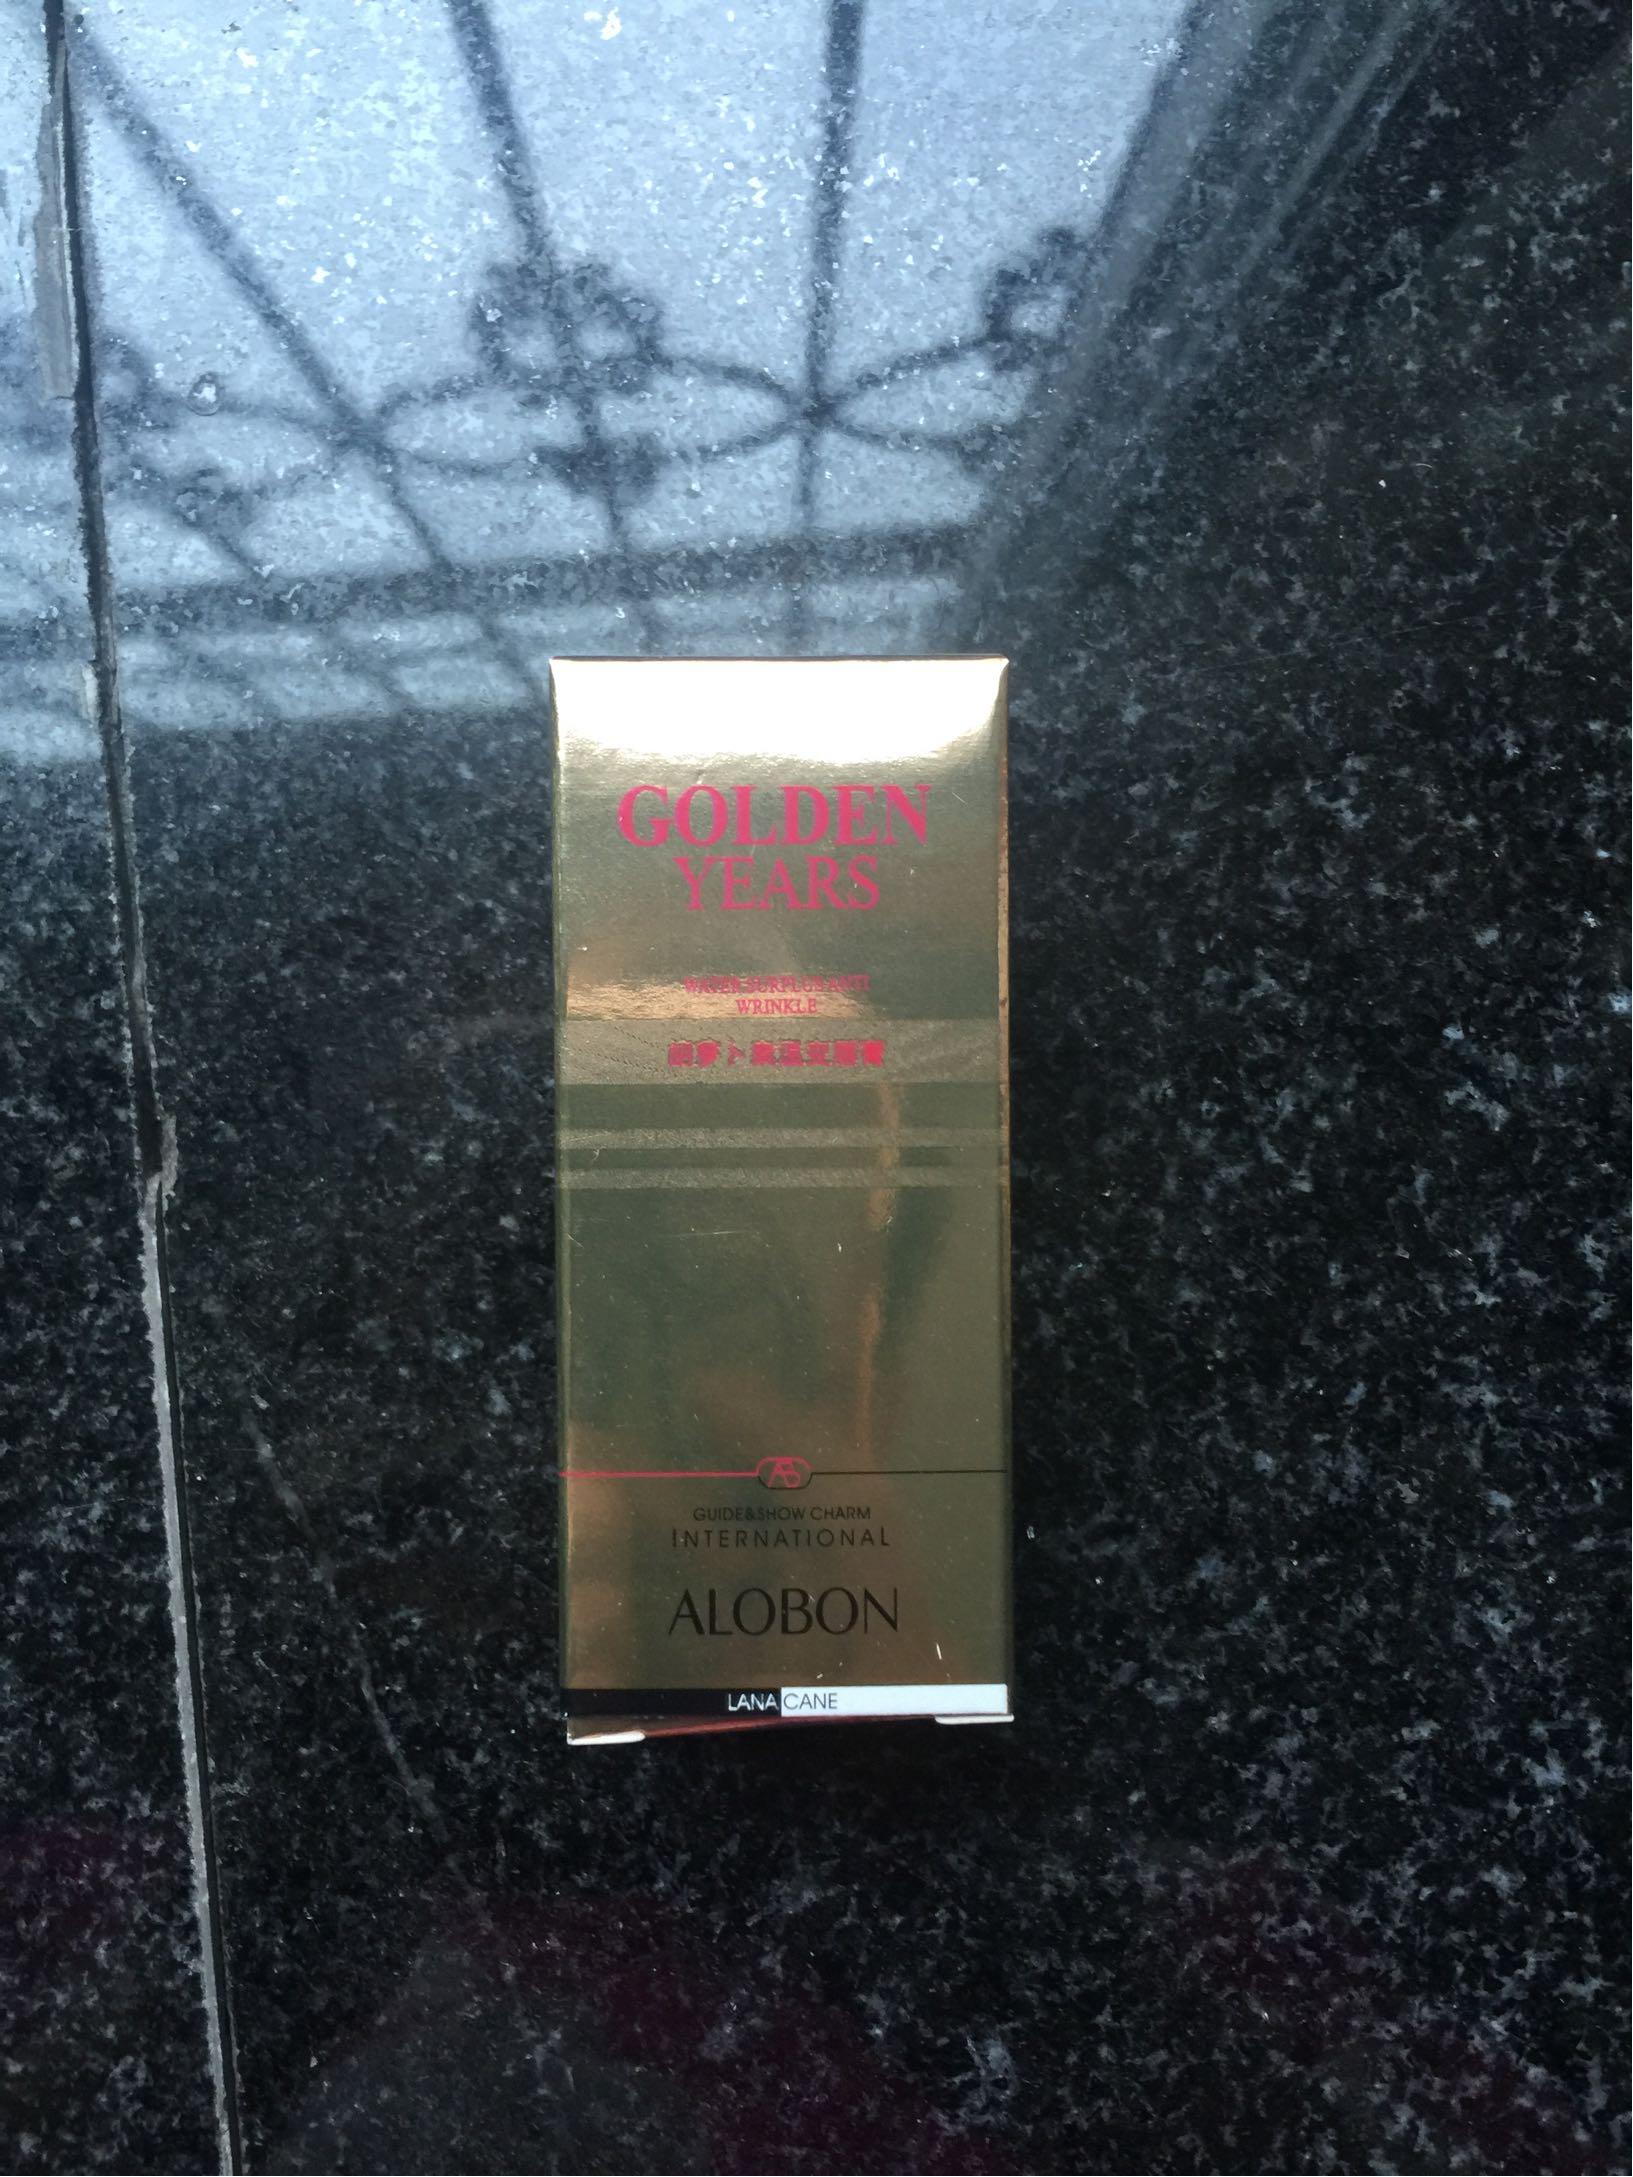 AloBon雅邦温变口红06色号草莓红试色,包装高大上,适合白皮女生